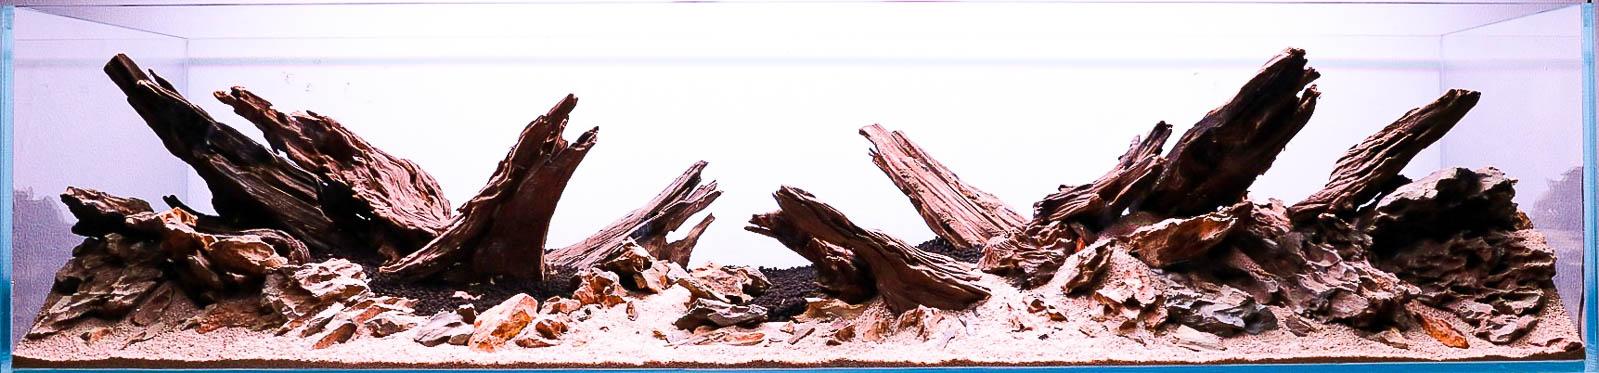 Unterwasserlandschaft im Aquascape mit Yati Holz